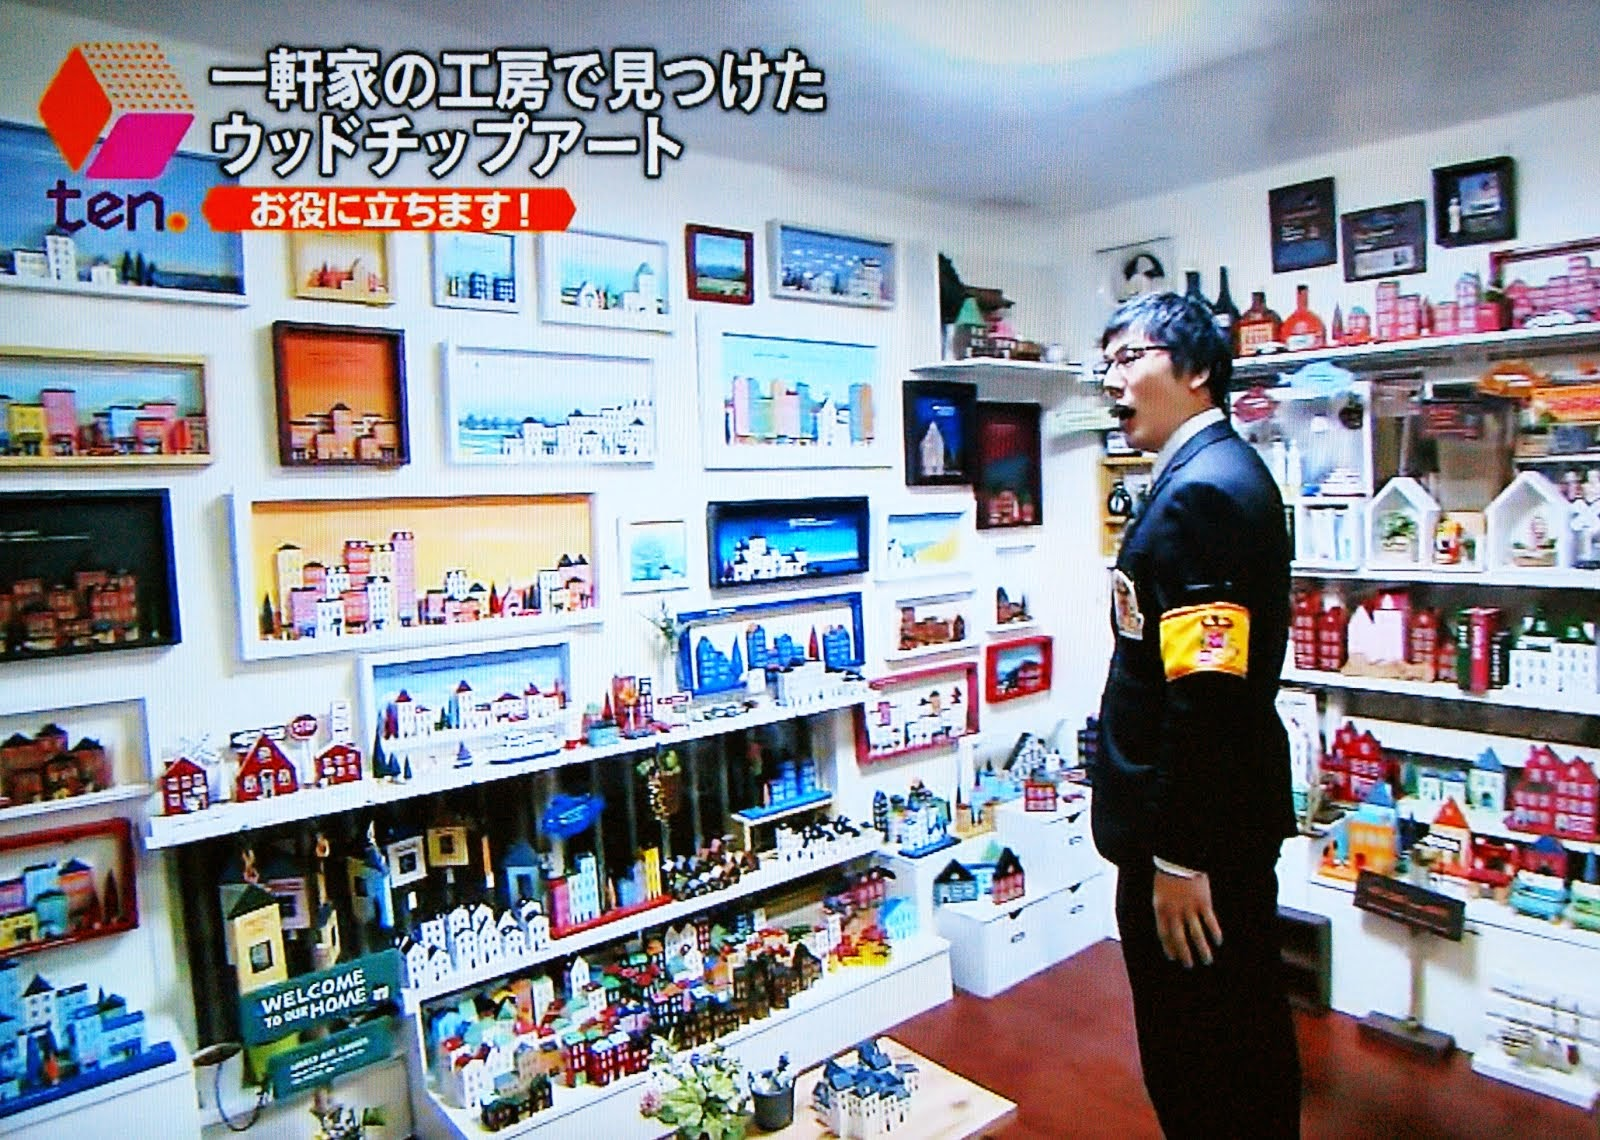 2015.1.15 読売TV 「ten」